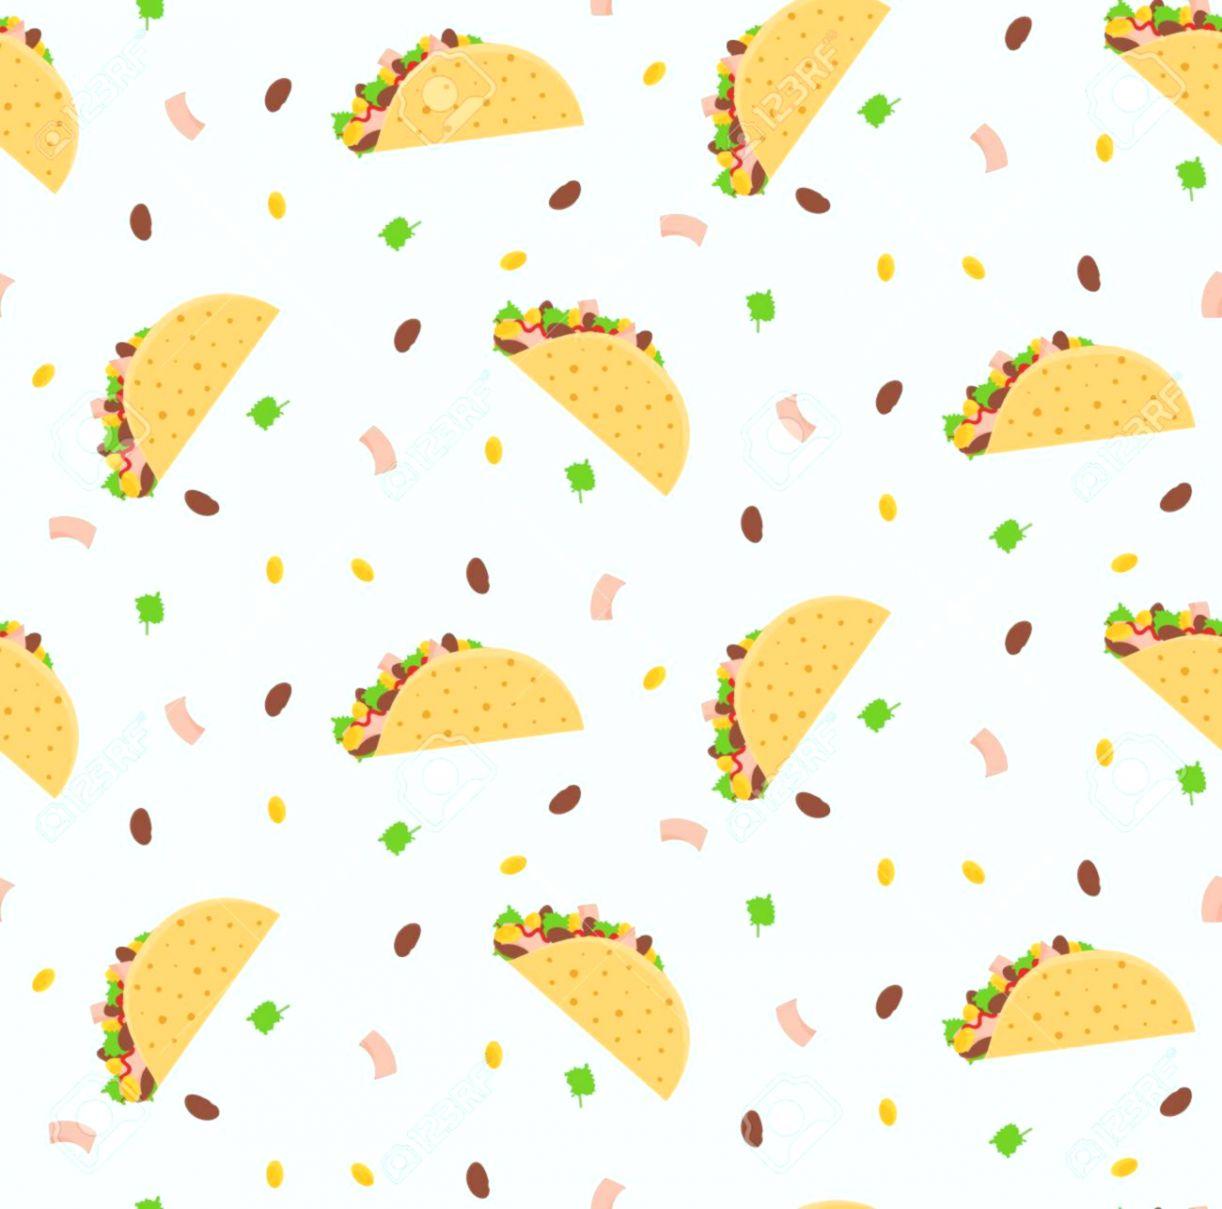 Cartoon Mexican Food Wallpaper